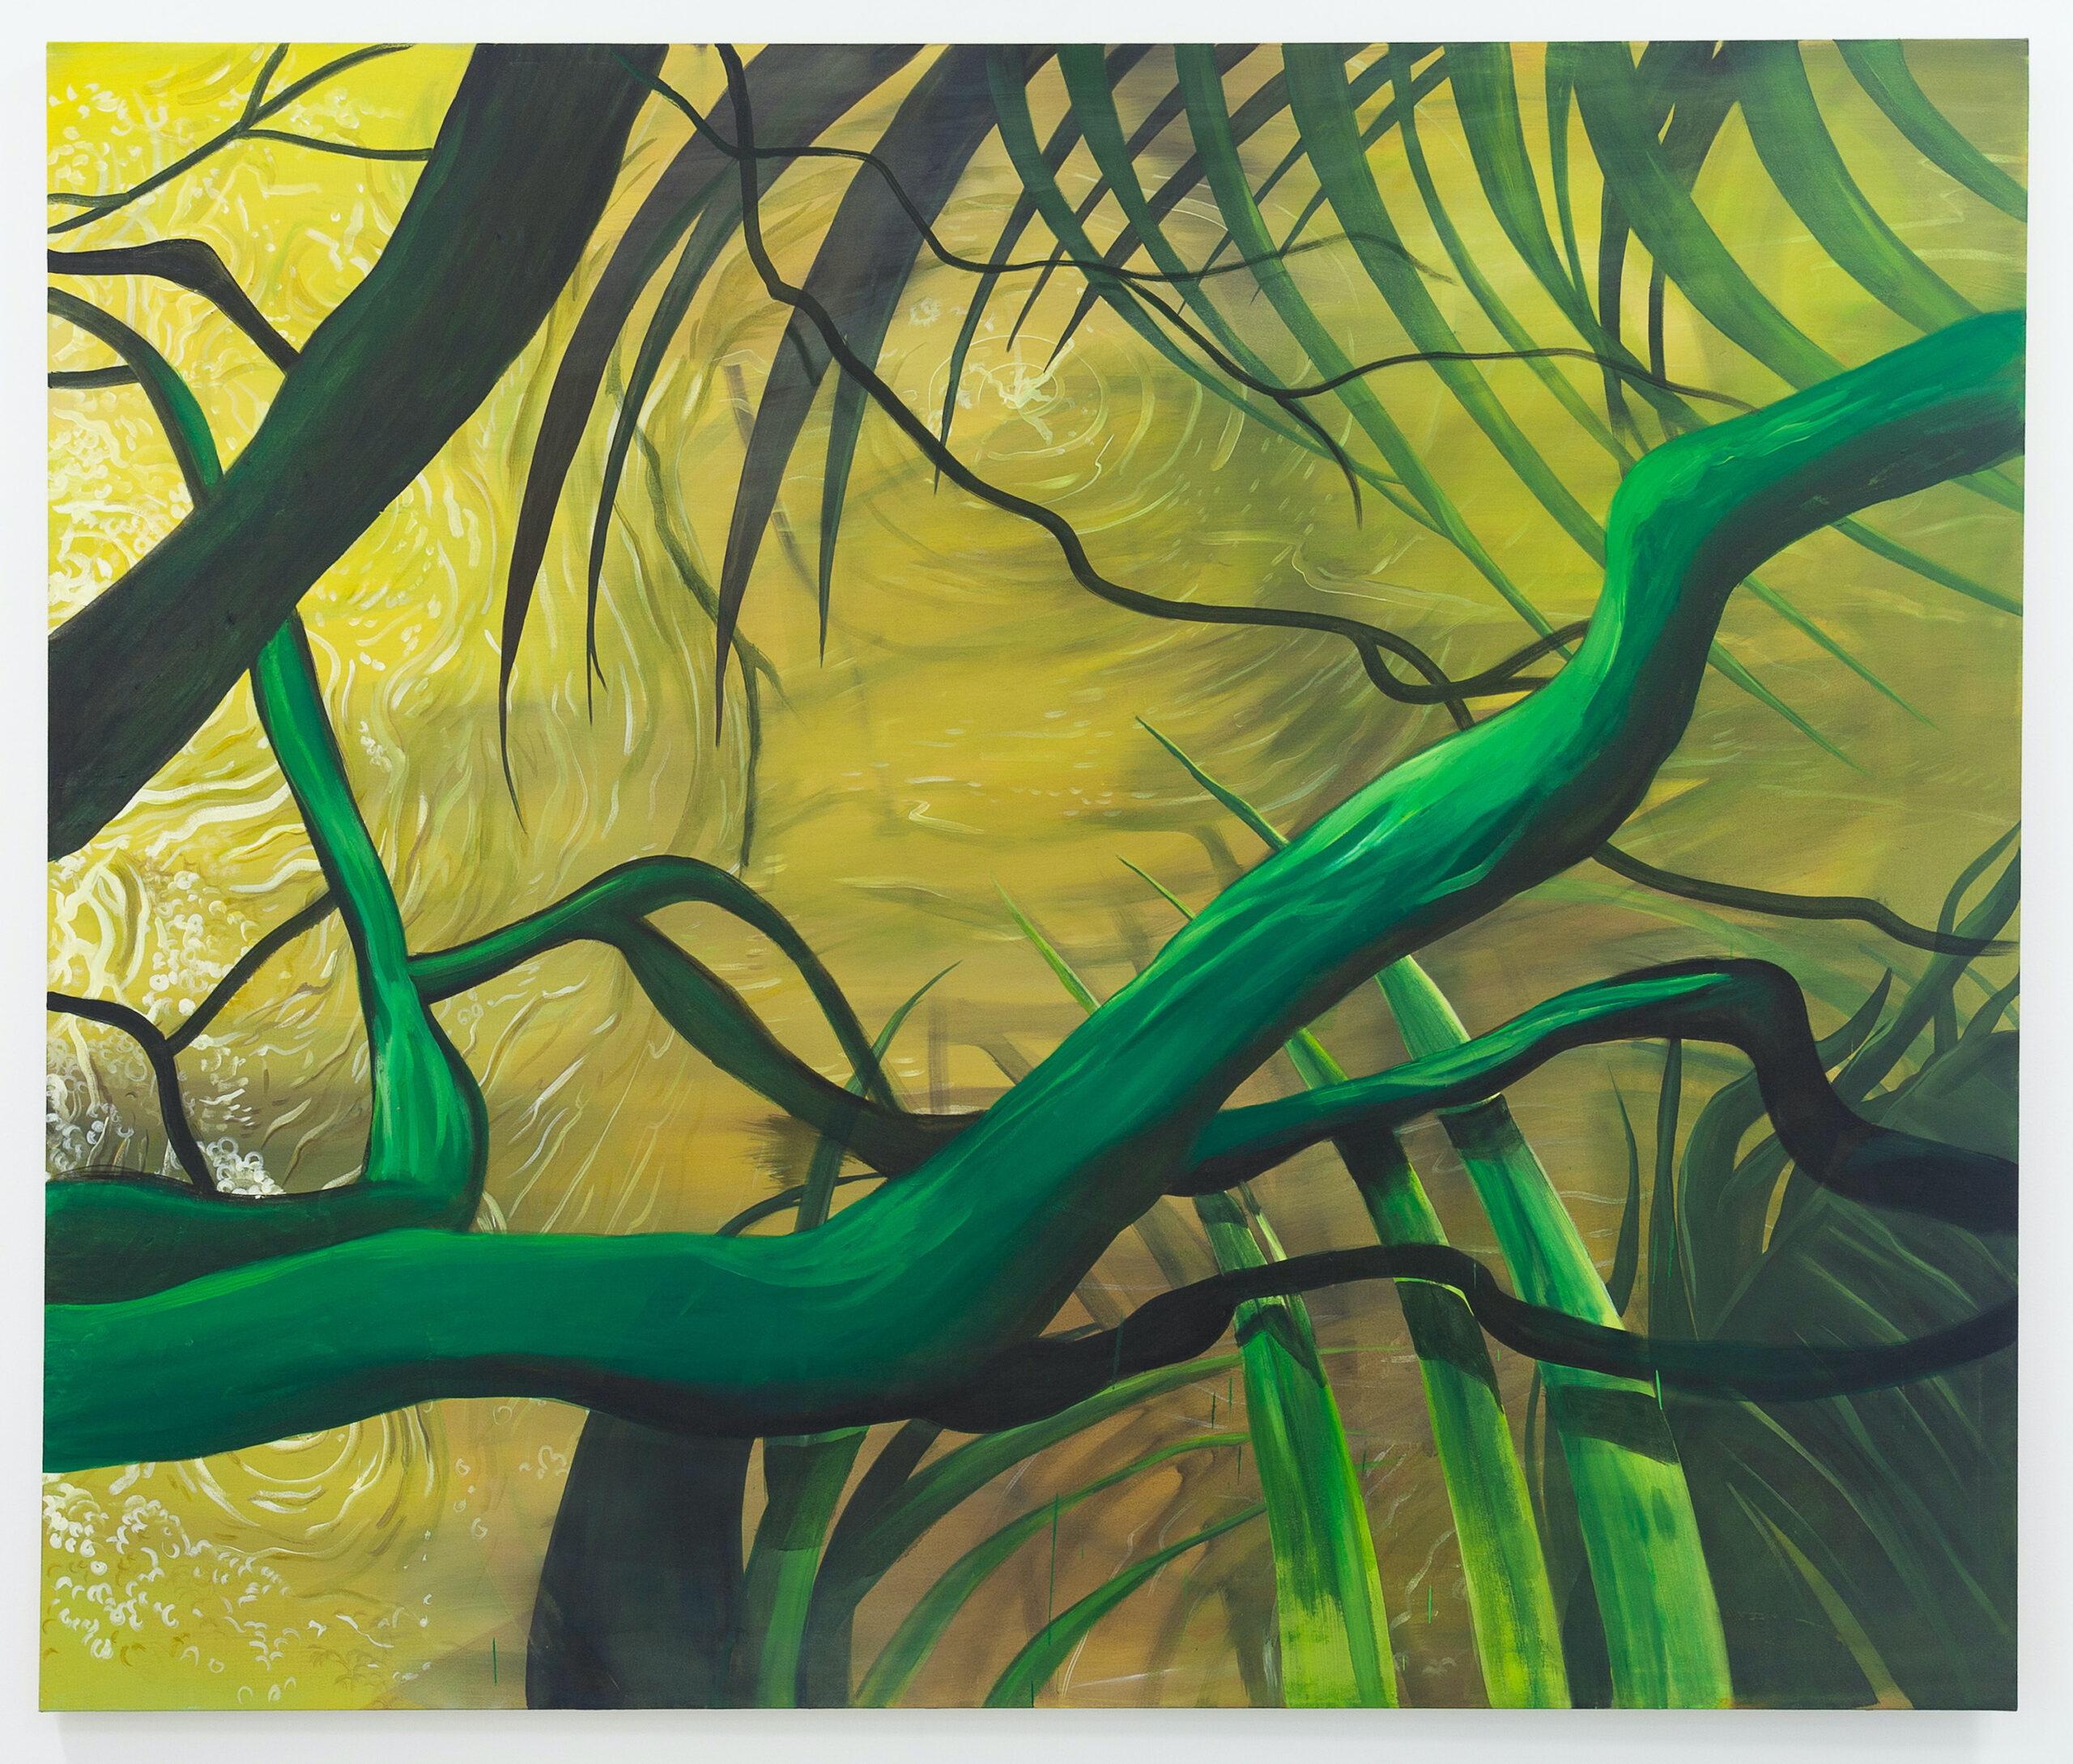 Ernesto Gutierrez Moya, Green Trunk, 2020